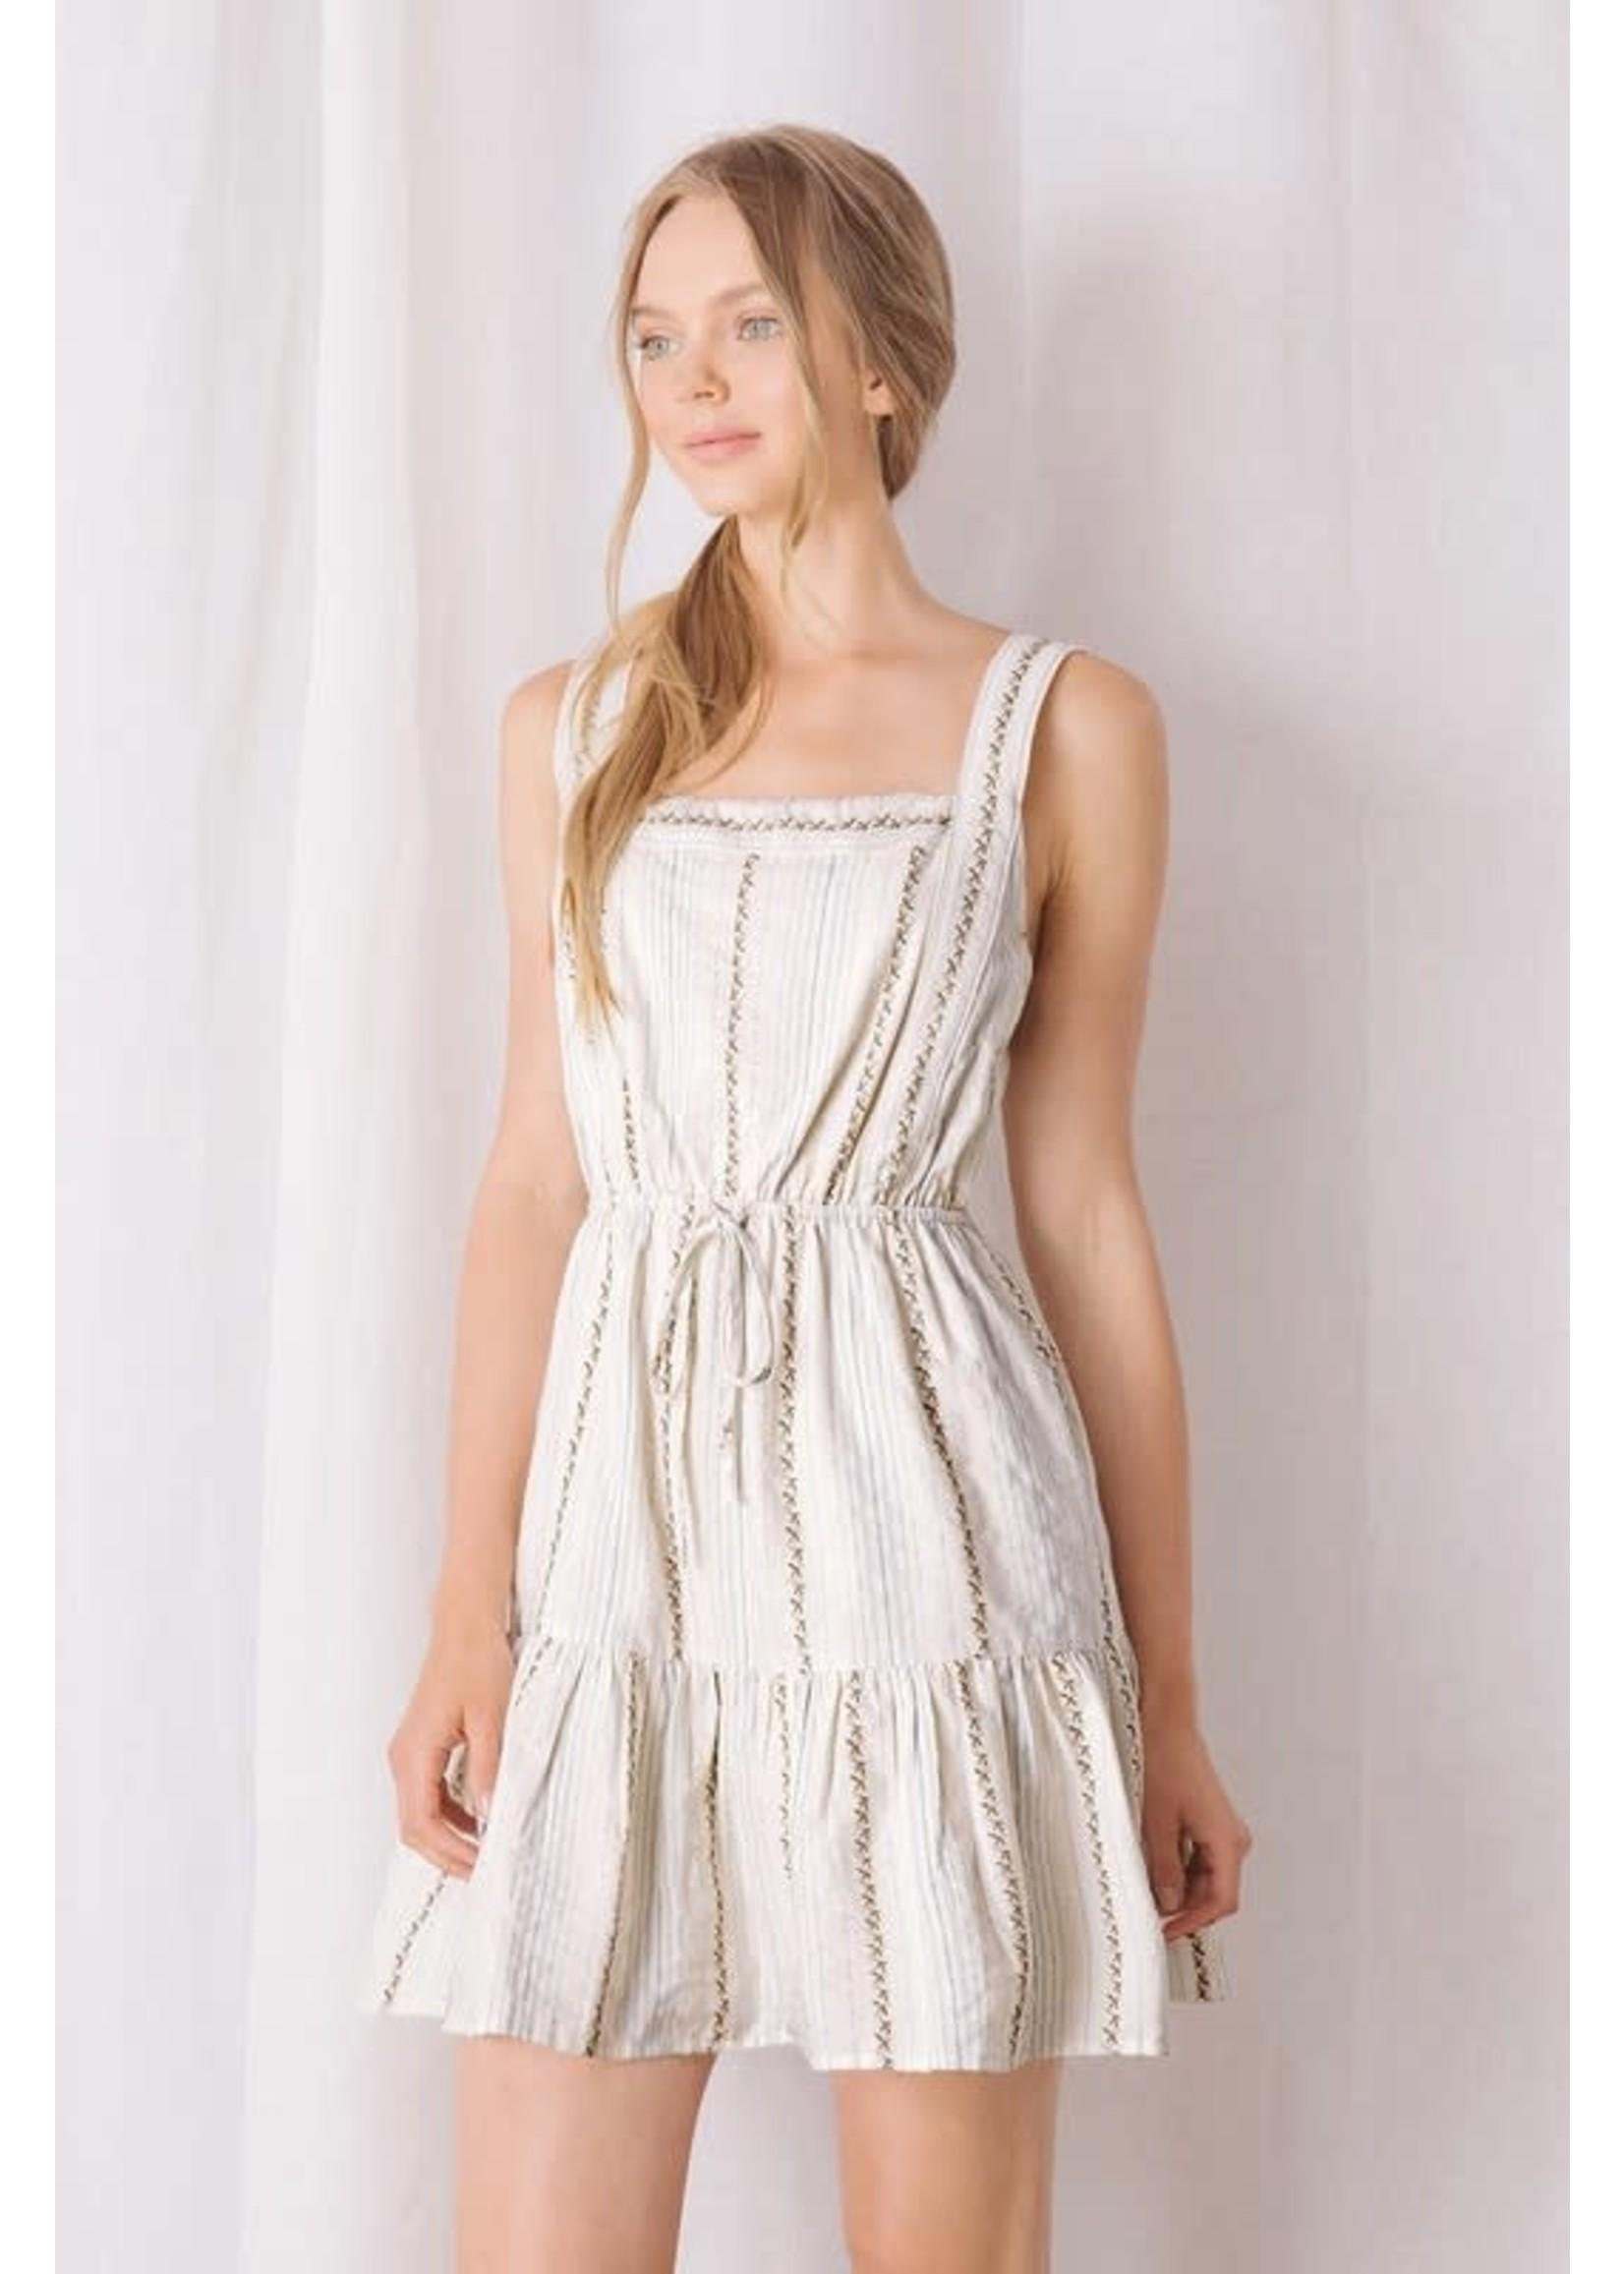 Storia Striped and X Print Mini Dress - BD2097